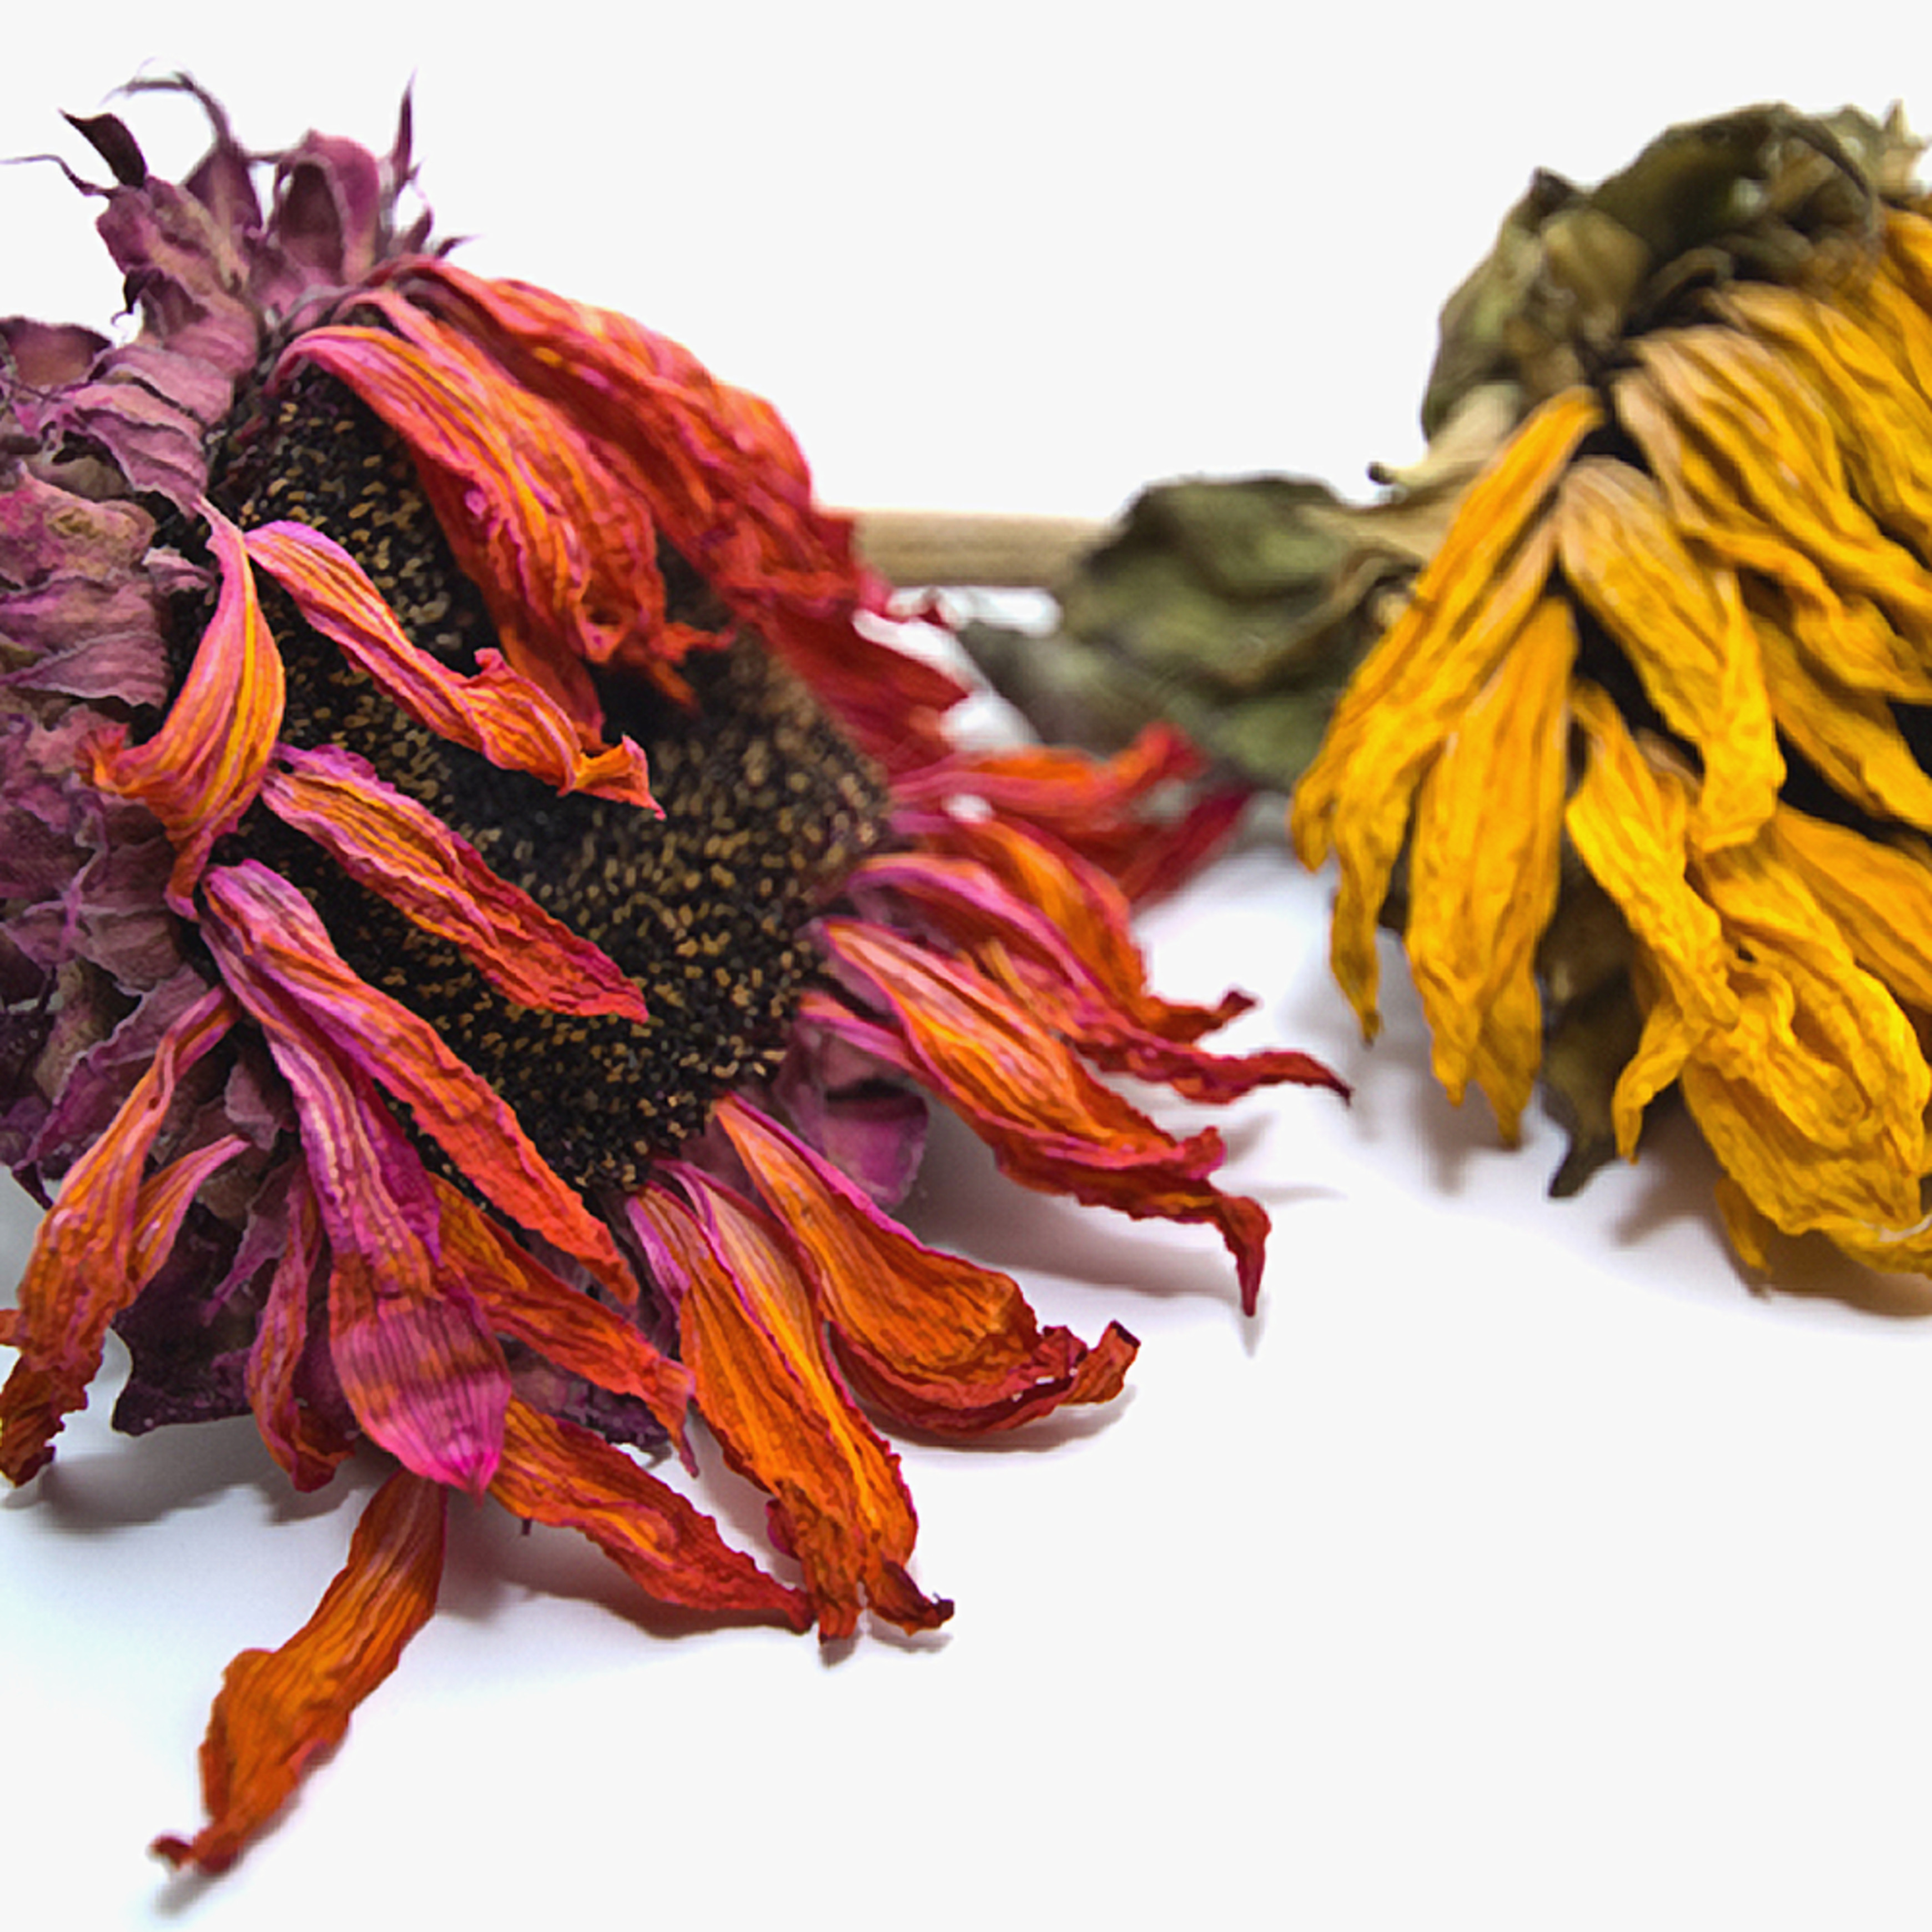 Sunflower besties sig jl8umz